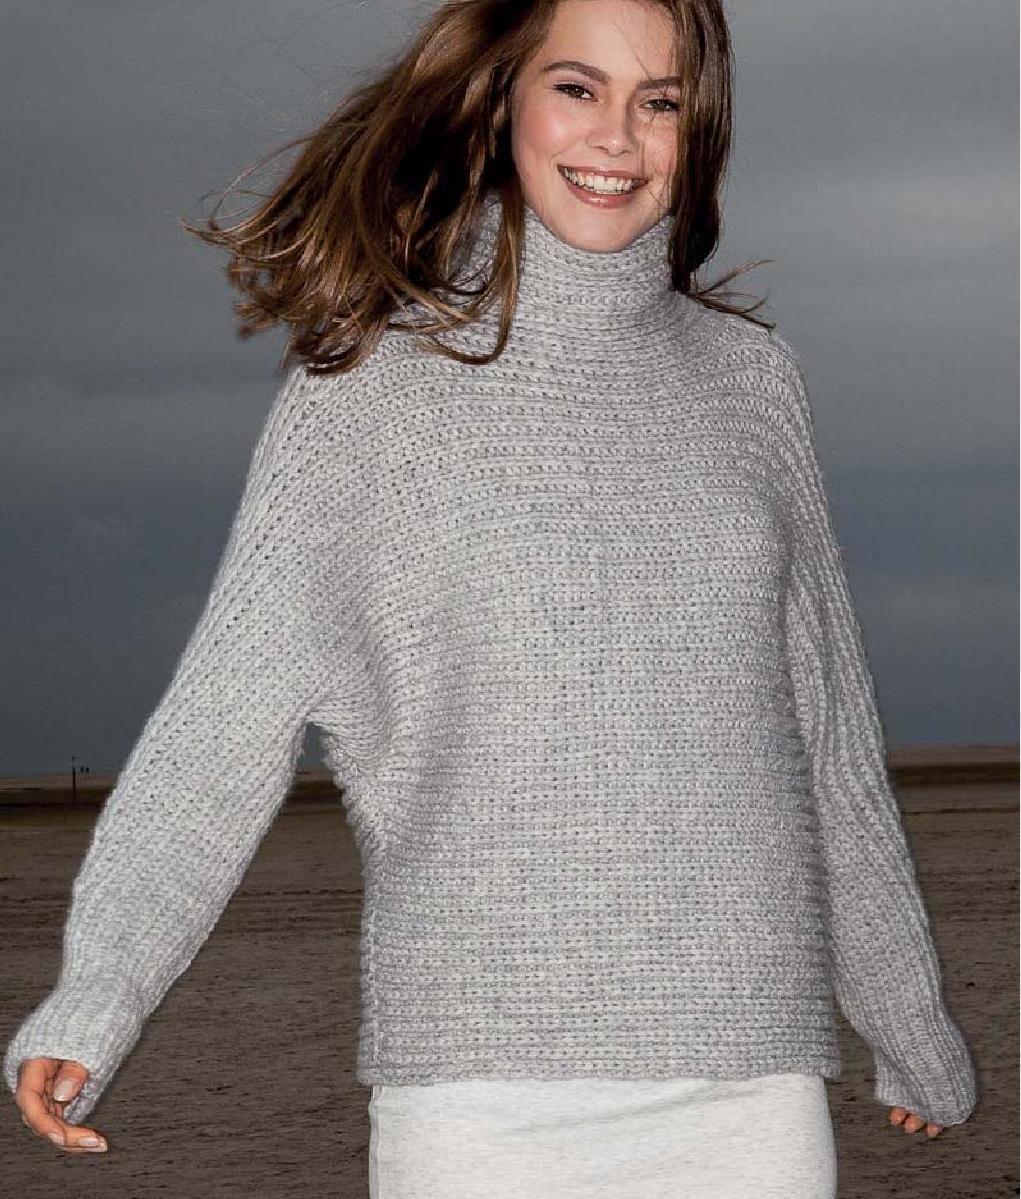 Lana Grossa FILATI Handstrick No. 61 | Crochet cardigan ...